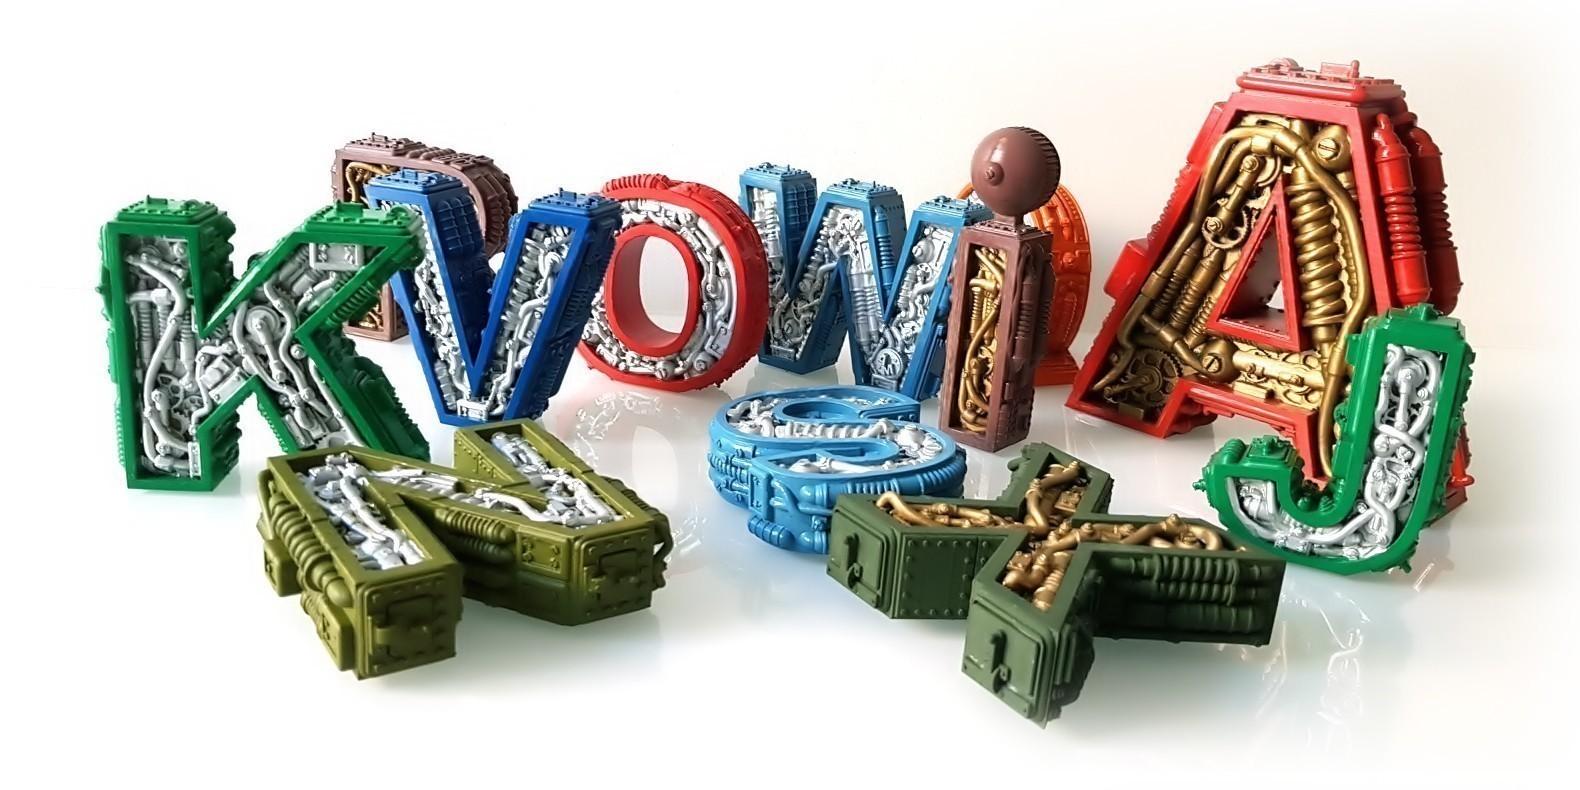 Encuentra aquí una selección de los mejores modelos 3D Steampunk imprimibles 3D